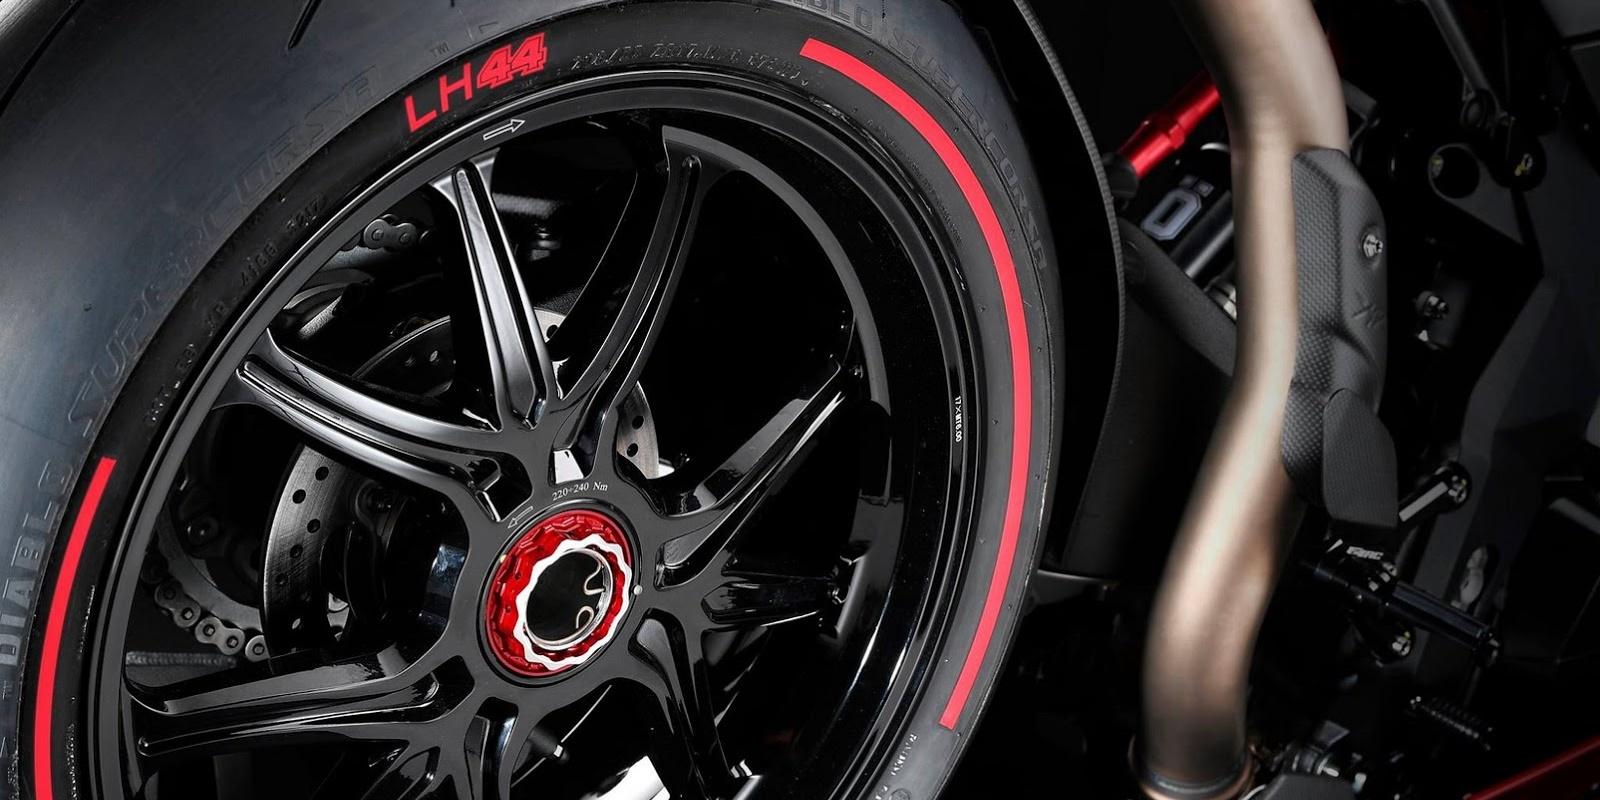 El exclusivo diseño de la MV Agusta F4 LH44 destaca en cada una de las partes de la motocicleta